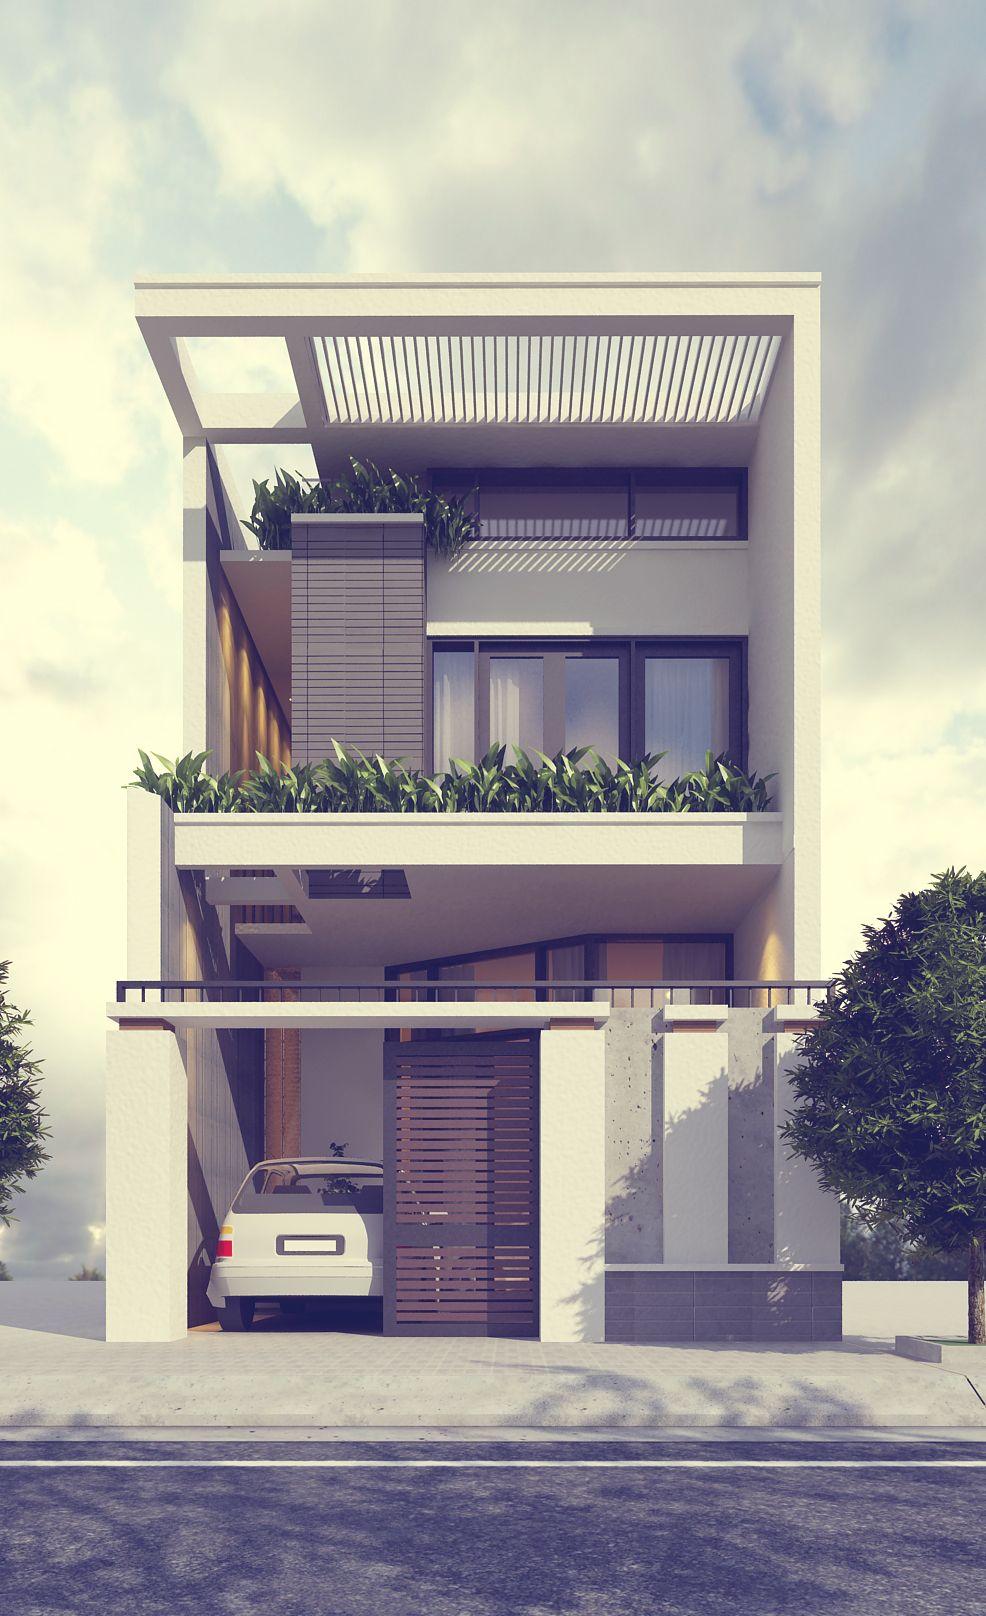 NG House. FassadenArchitekturTropische HäuserModerne ...